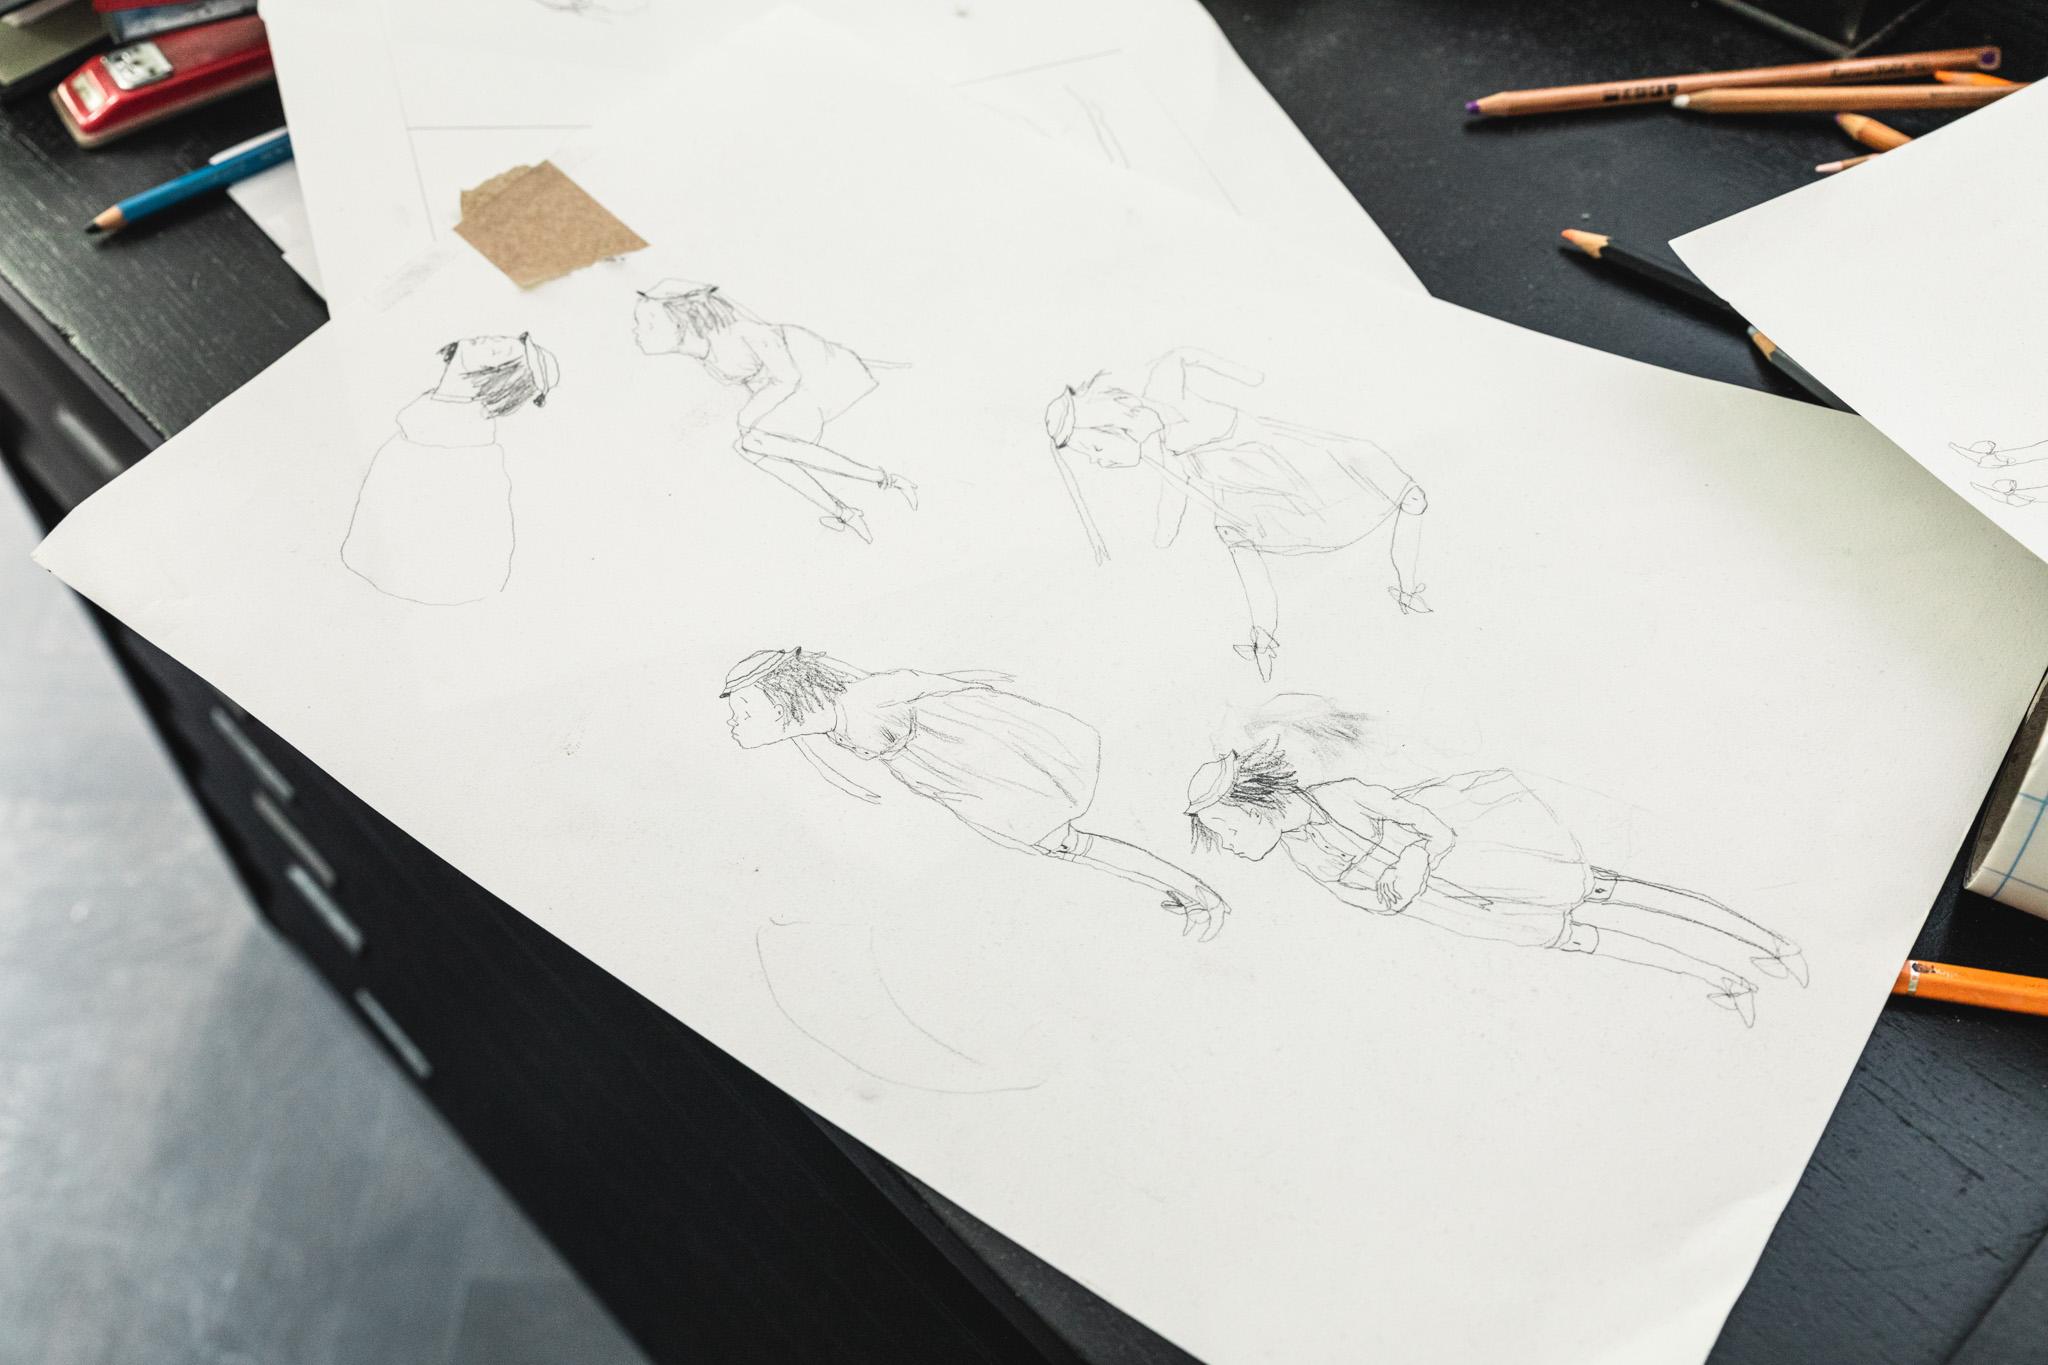 'Ik schets minder dan vroeger'